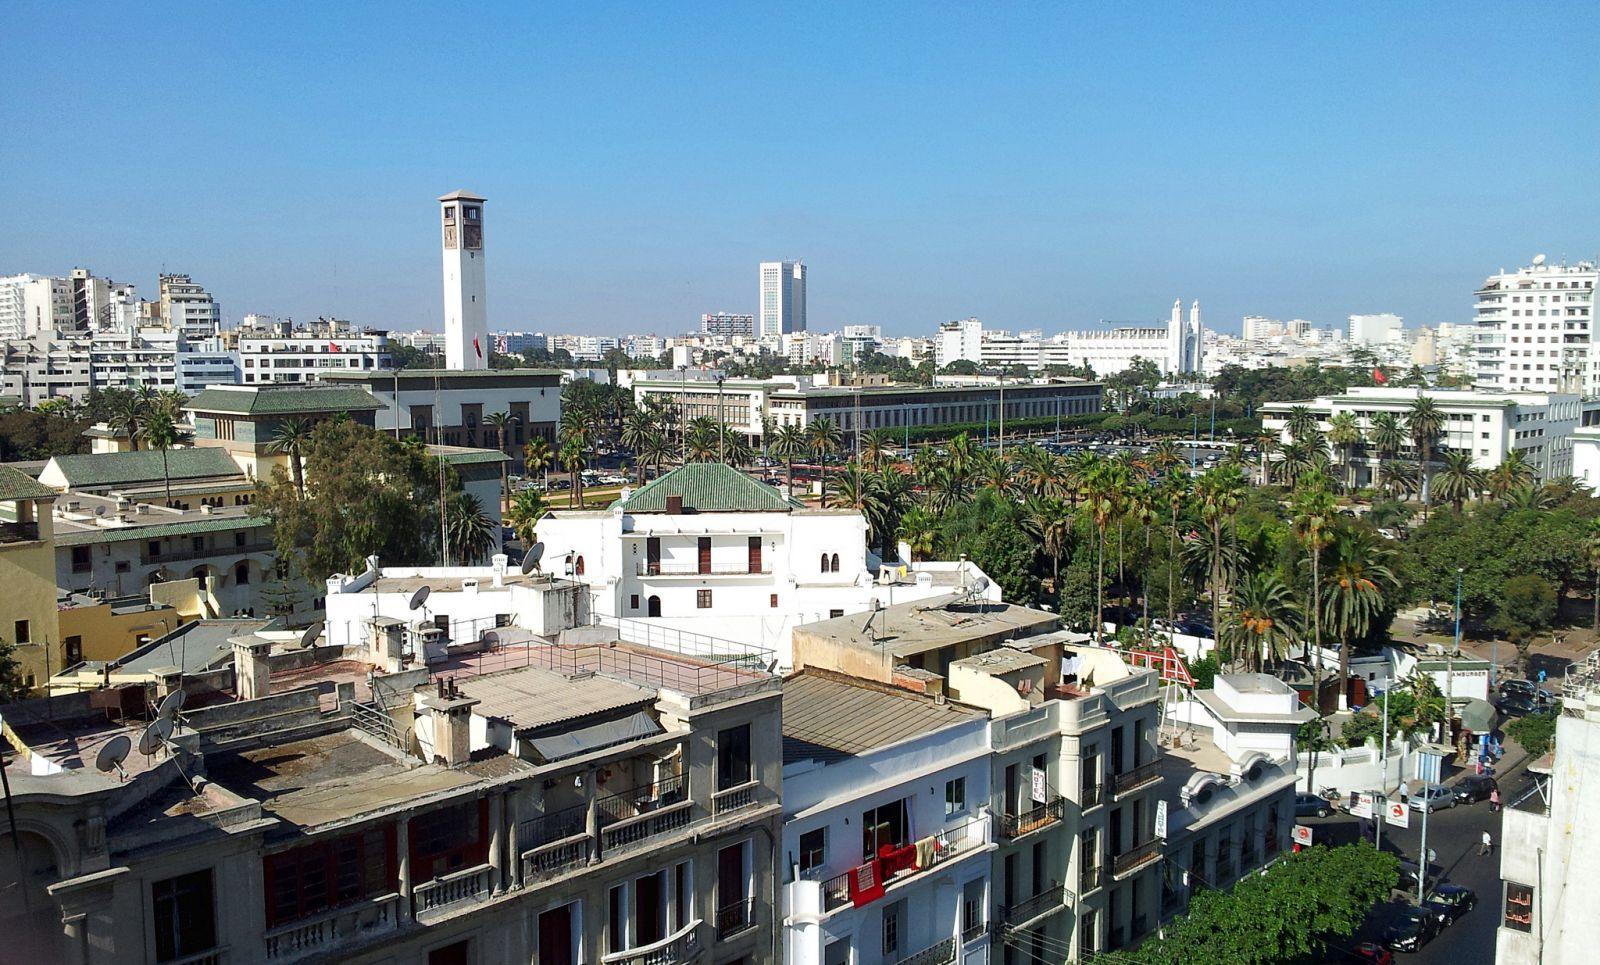 bf4e46901ea8e4 La borsa di Casablanca è inoltre la quarta piazza finanziaria africana per  importanza e qui si concentra il 30% della rete bancaria marocchina.